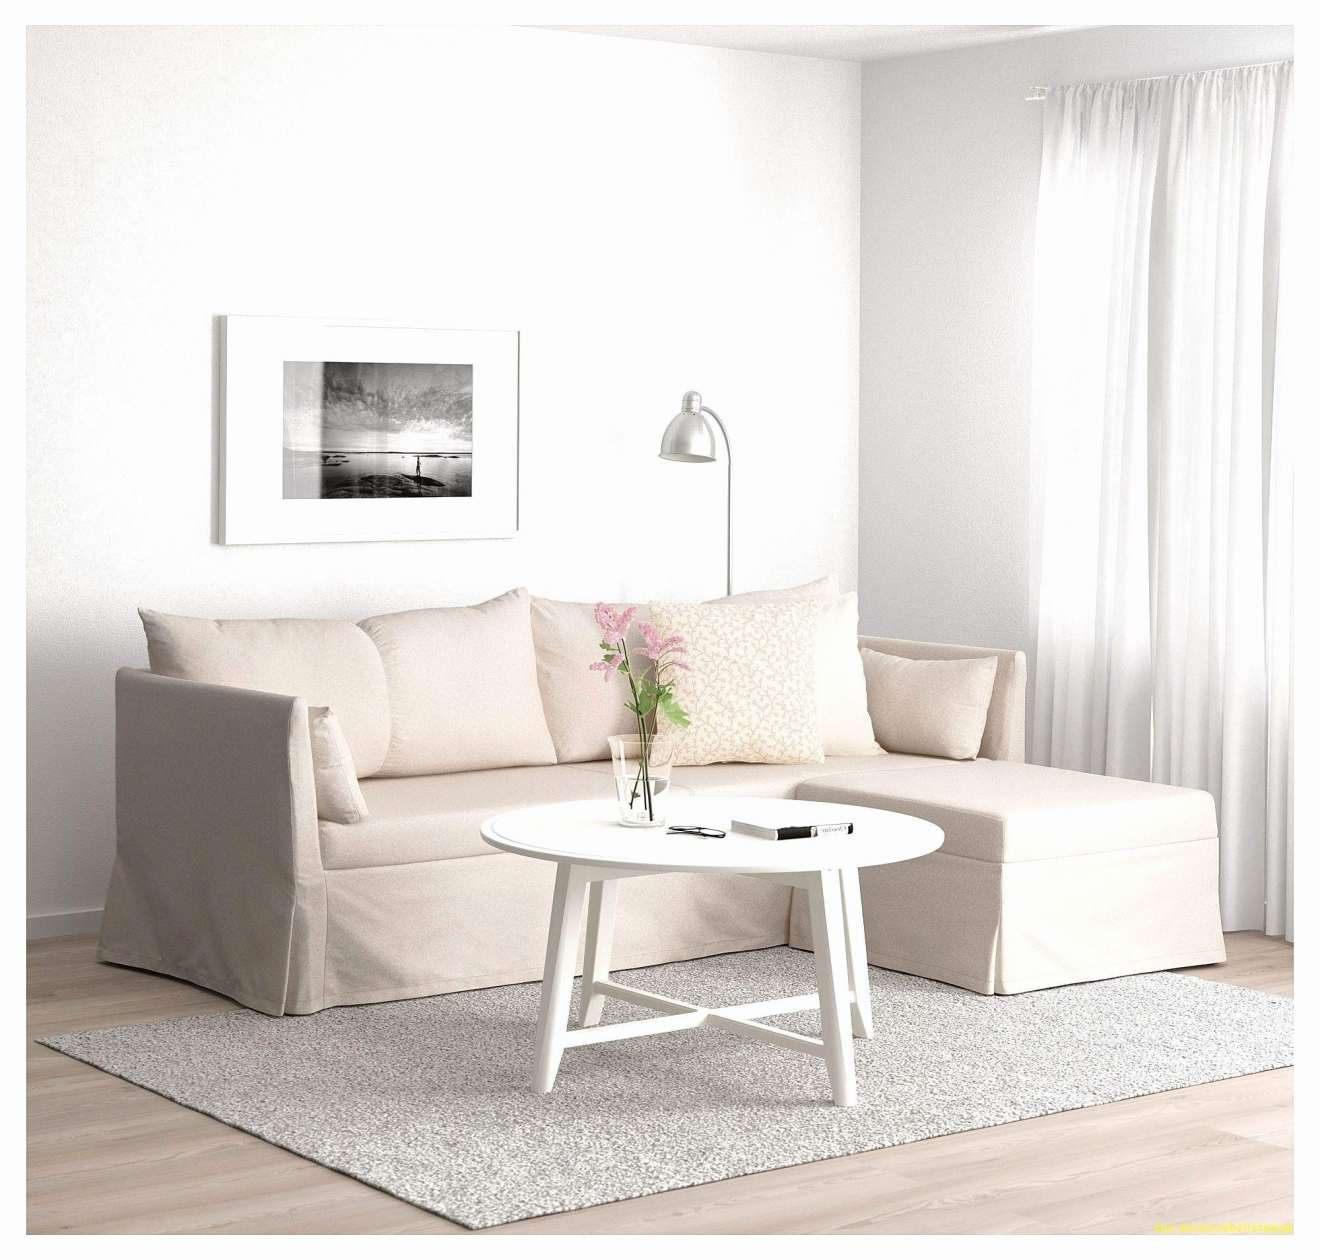 Tente De Lit Enfant Agréable Ikea Tente De Lit Und Beau Busunge Lit Extensible Rose Clair 80 X